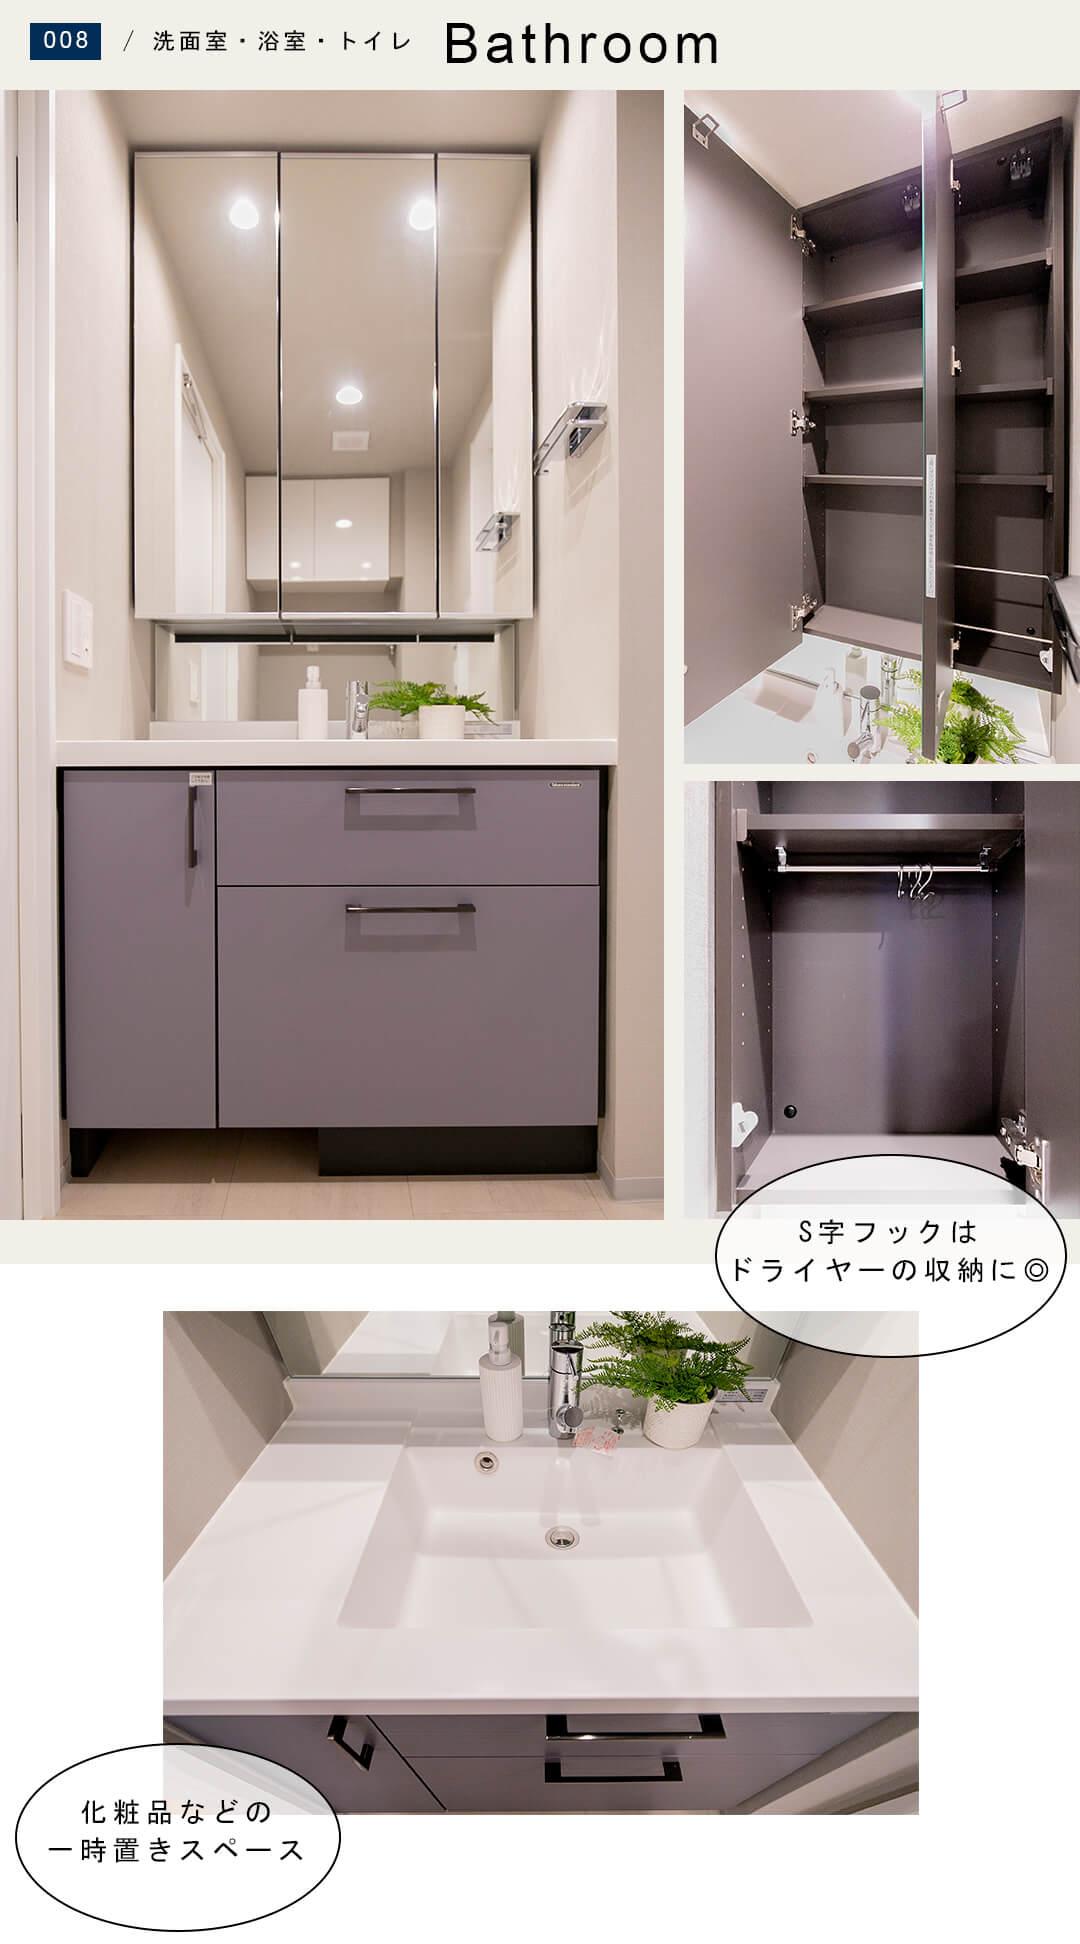 エド・コモン西早稲田の洗面室